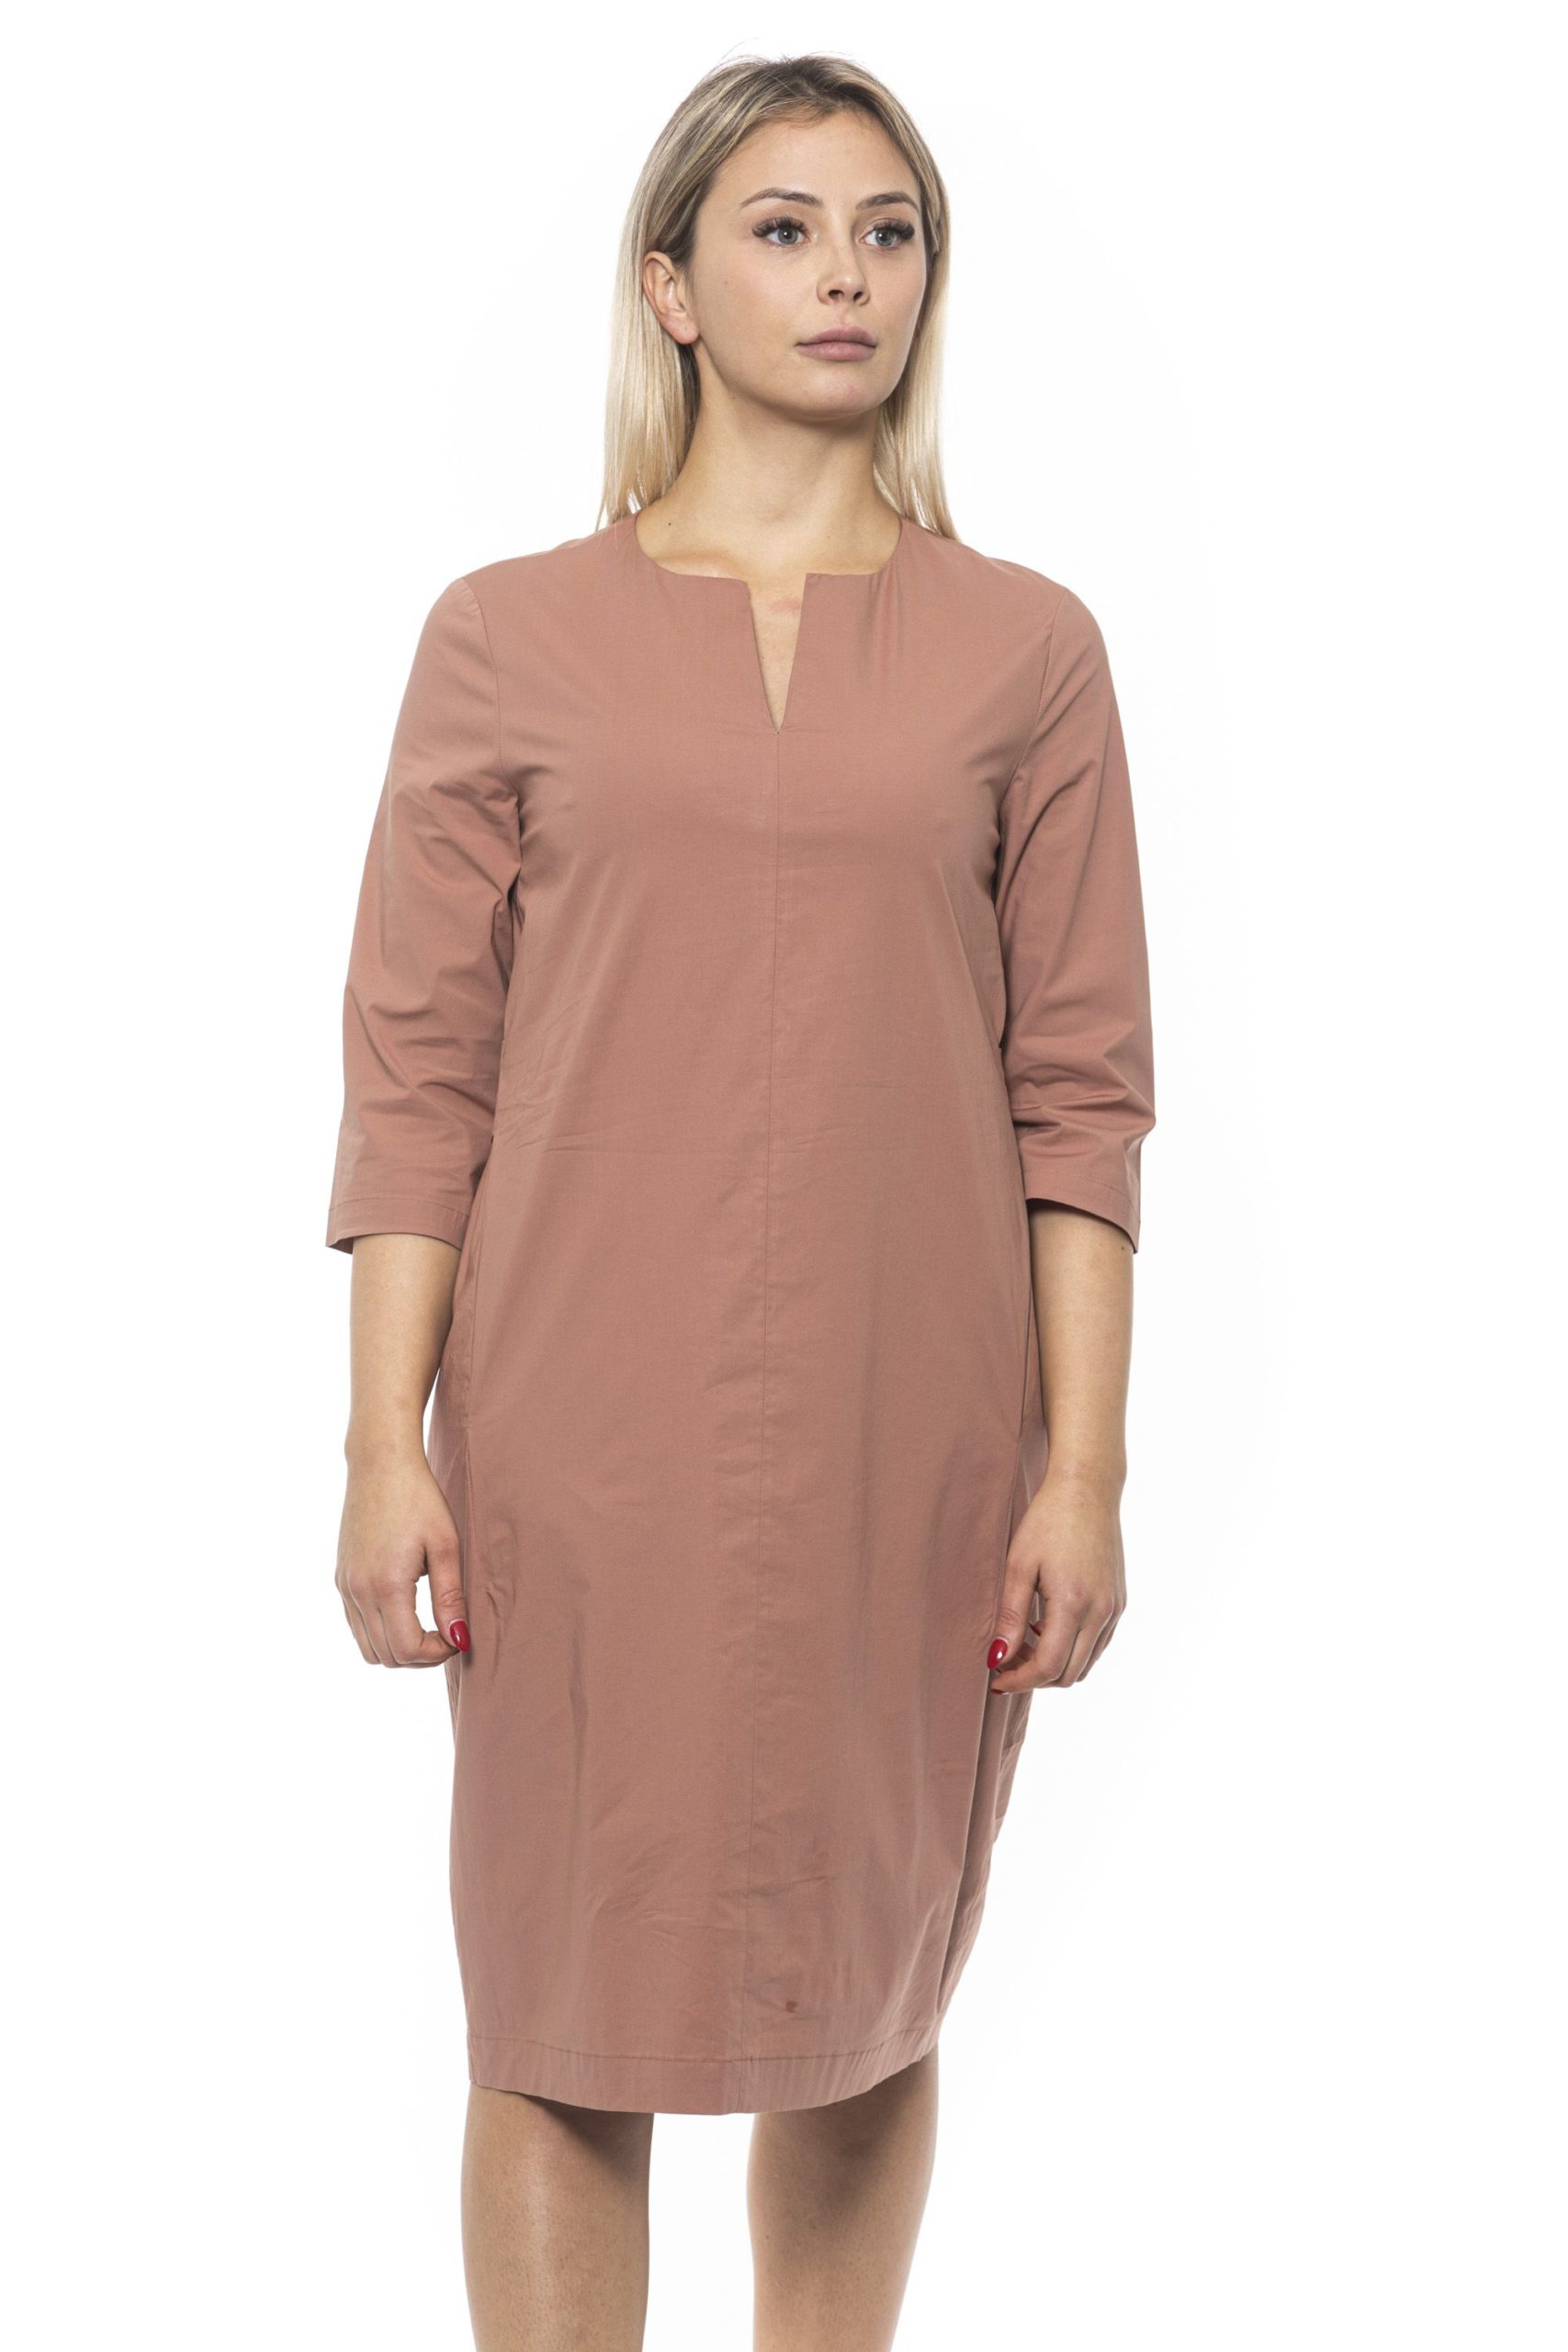 Peserico Women's Marrone Dress Brown PE1383278 - IT42 | S